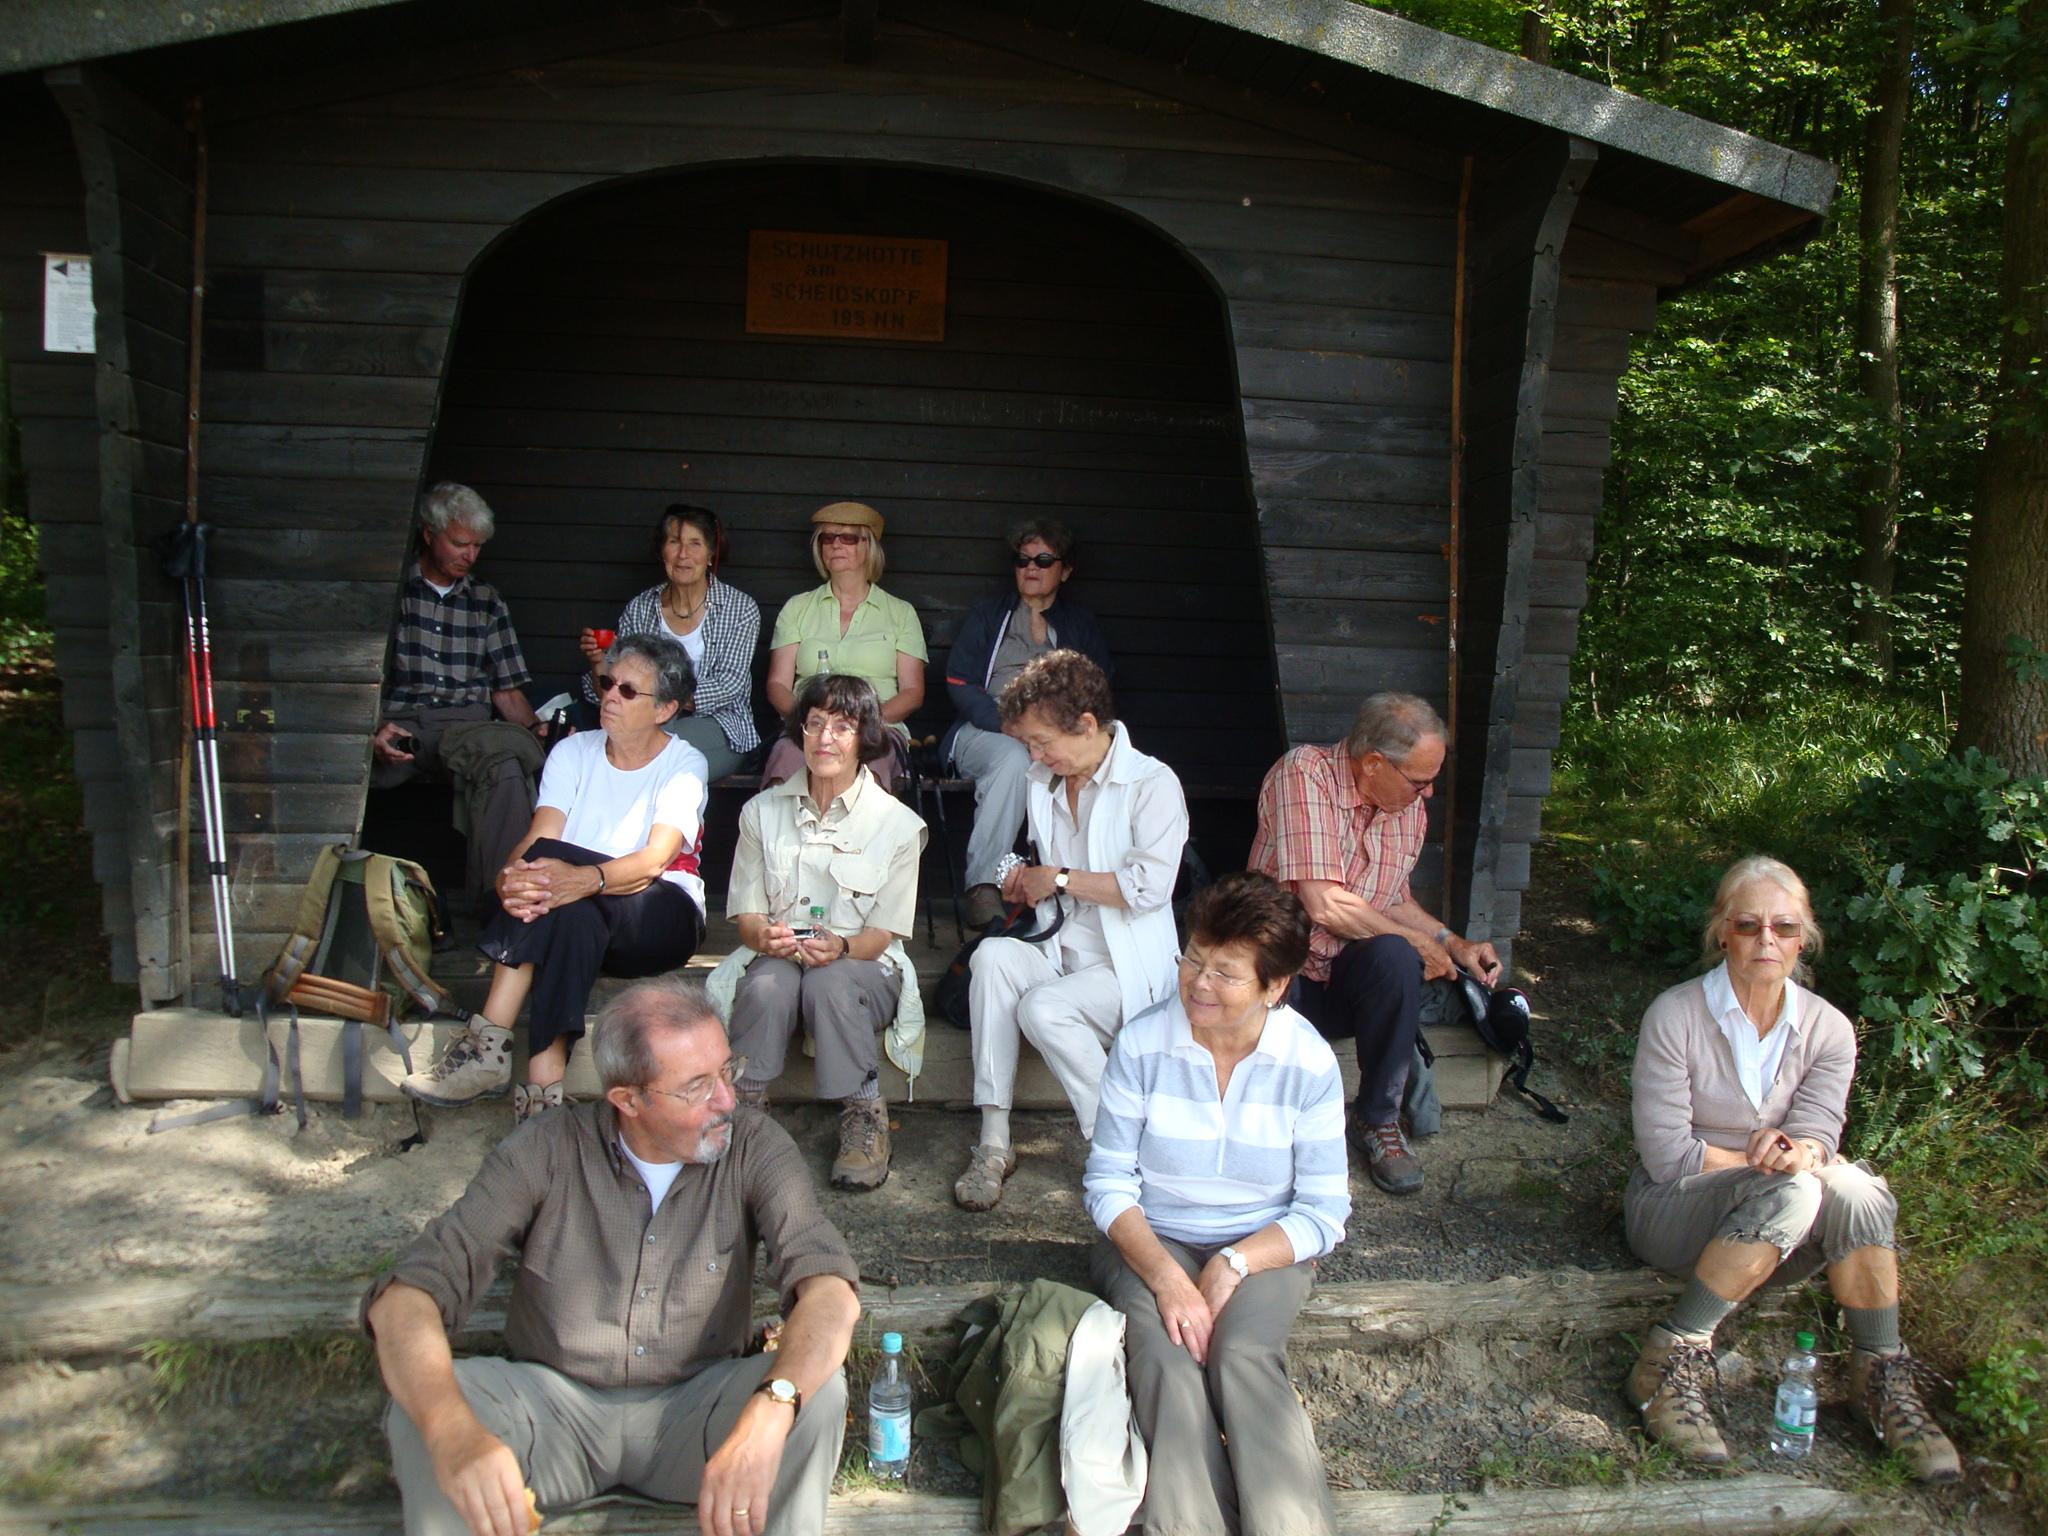 2012 - Etappenwanderung: Rast am Scheidskopf